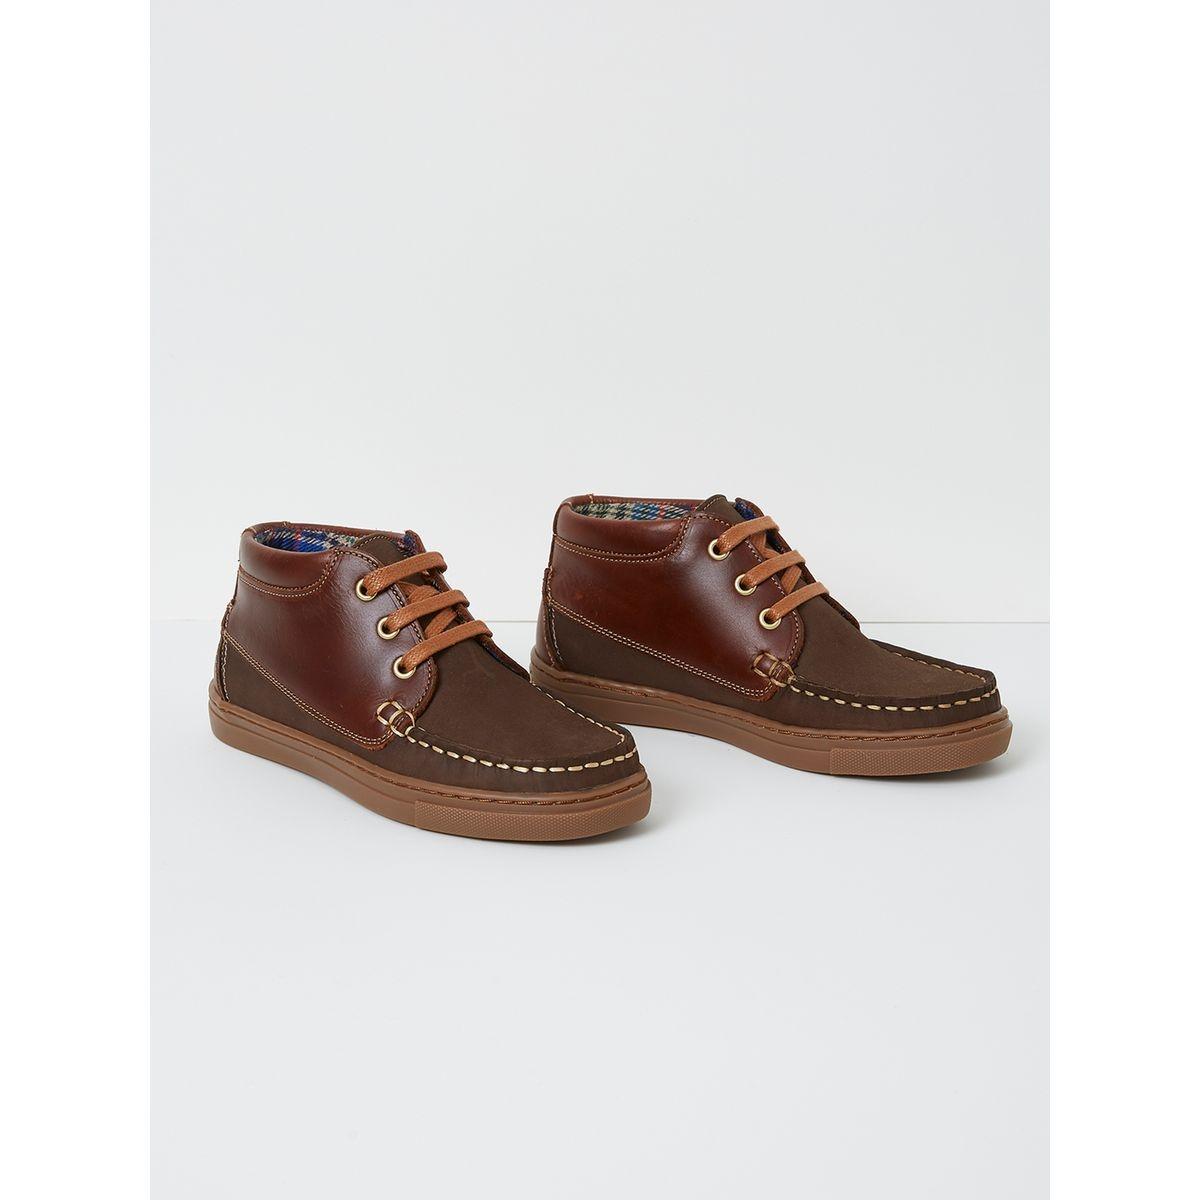 Chaussures bateau